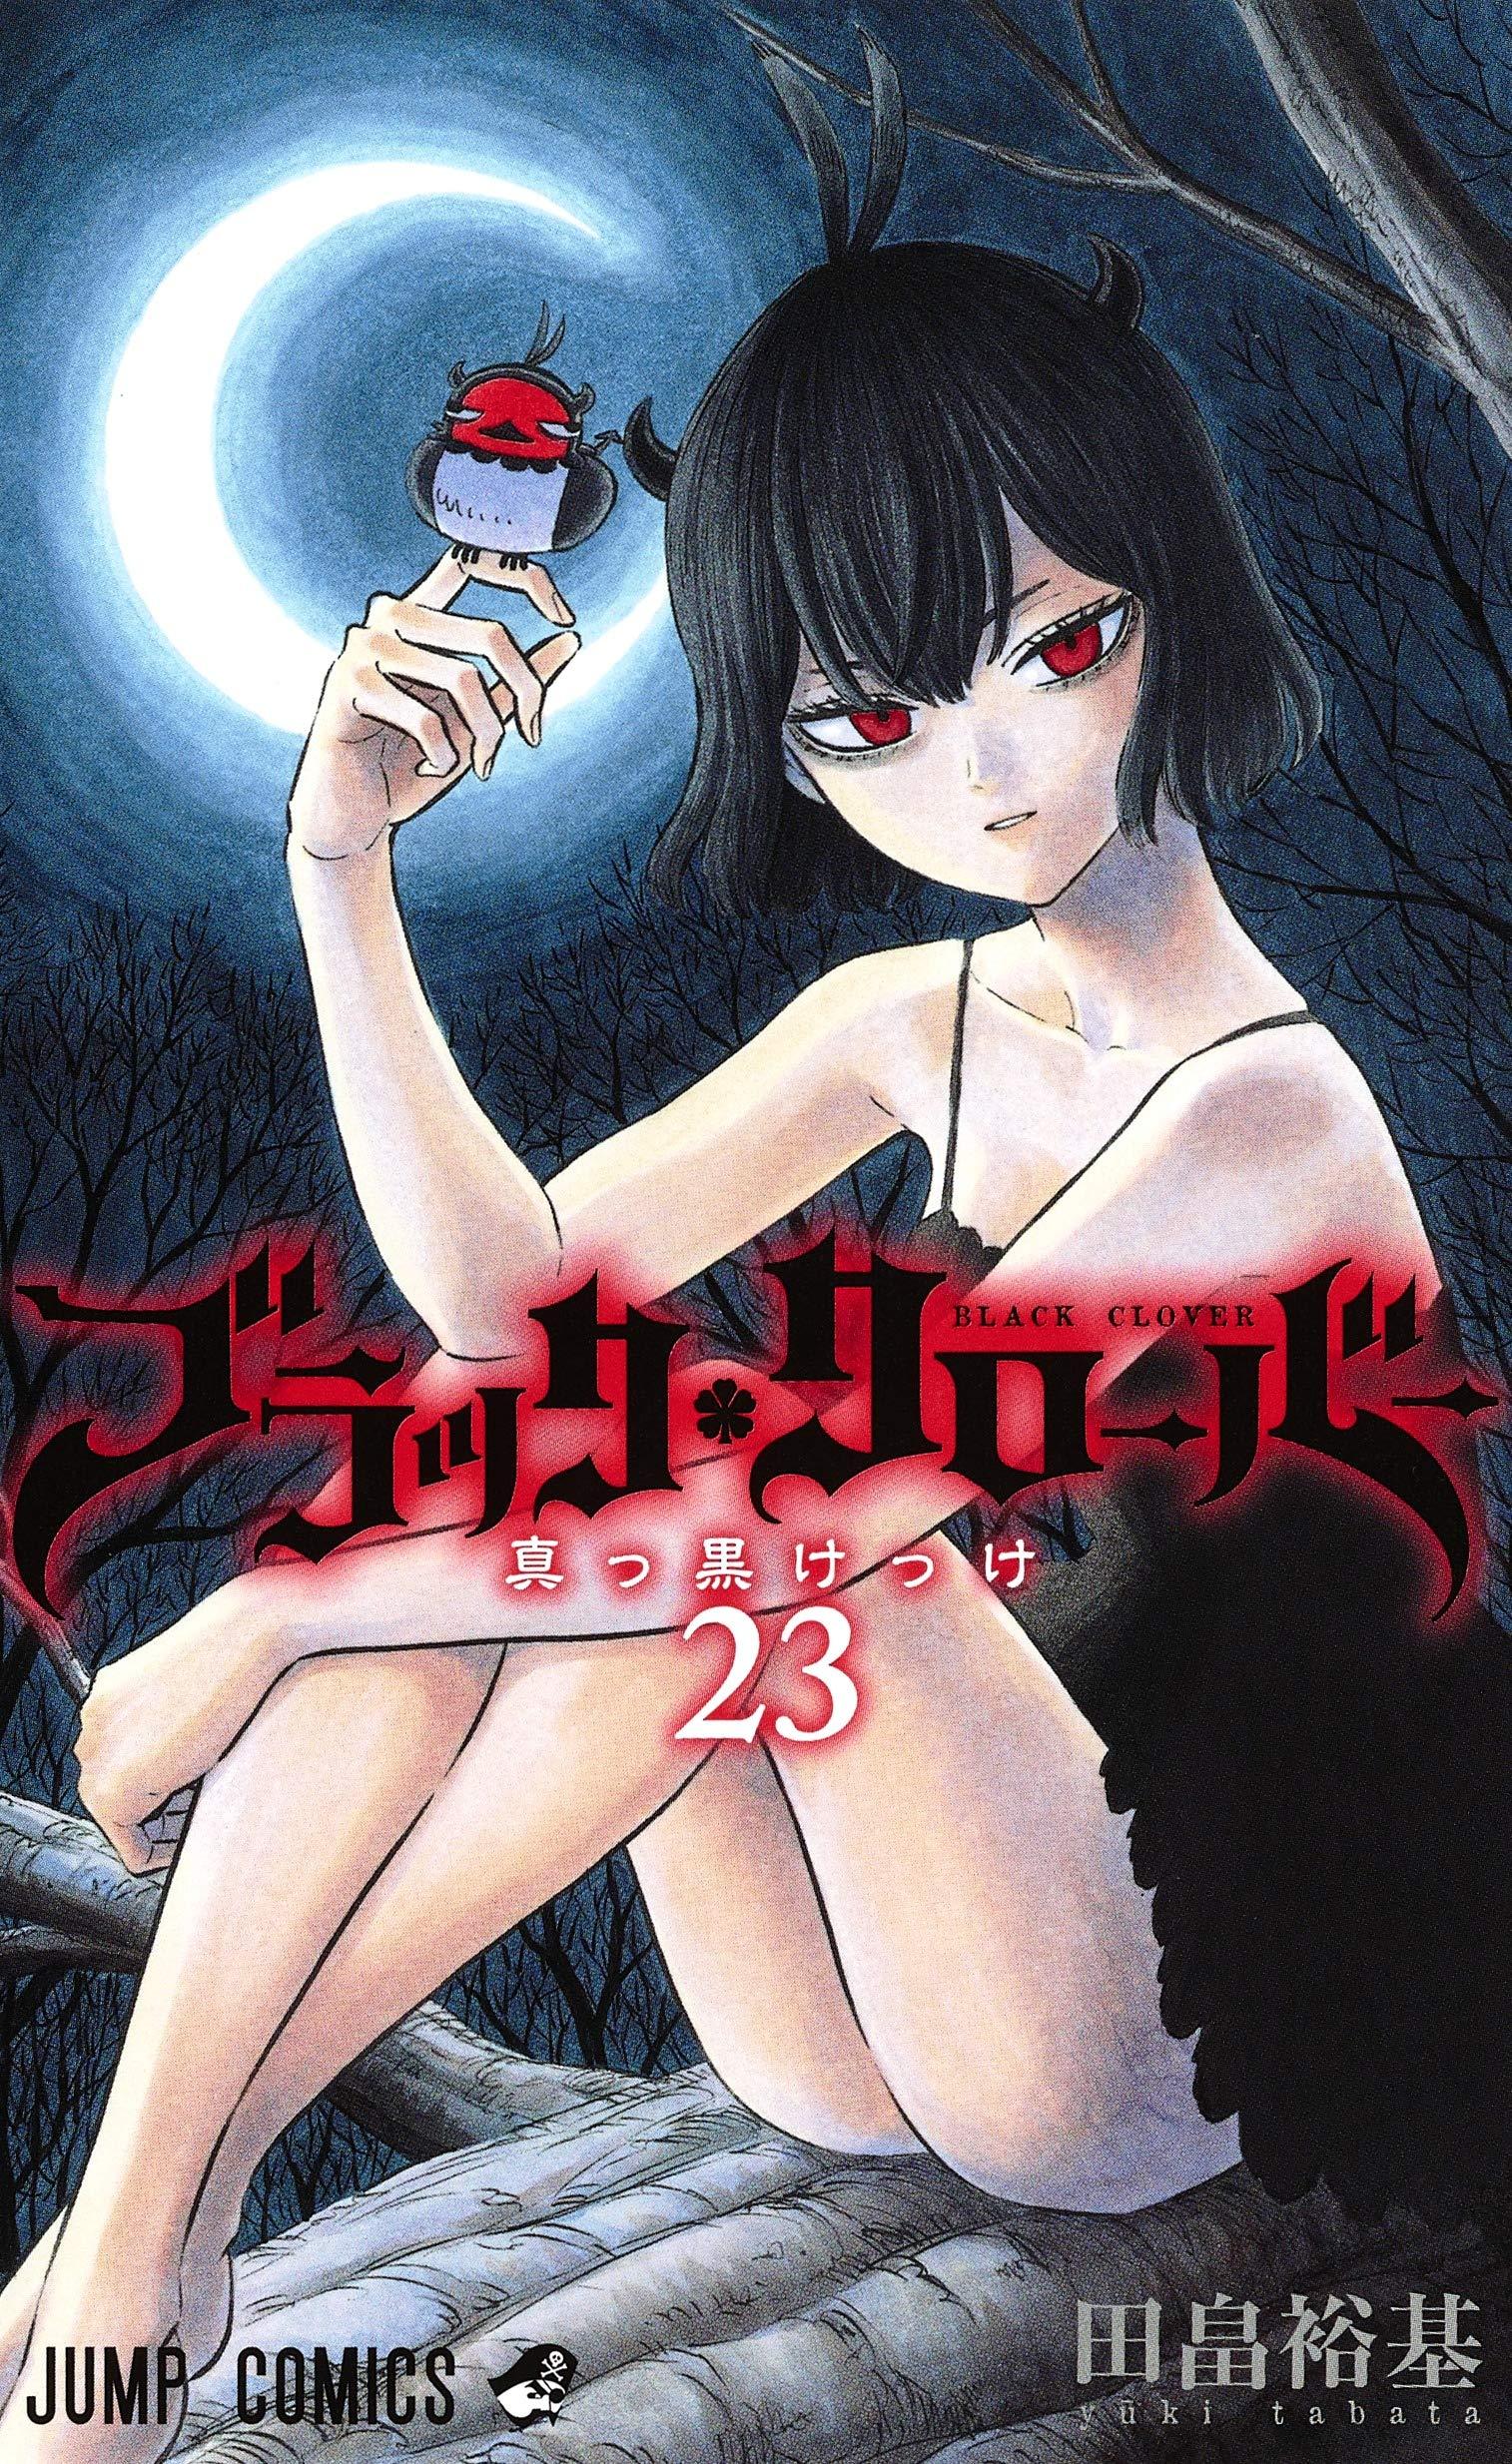 23 ブラック 巻 クローバー